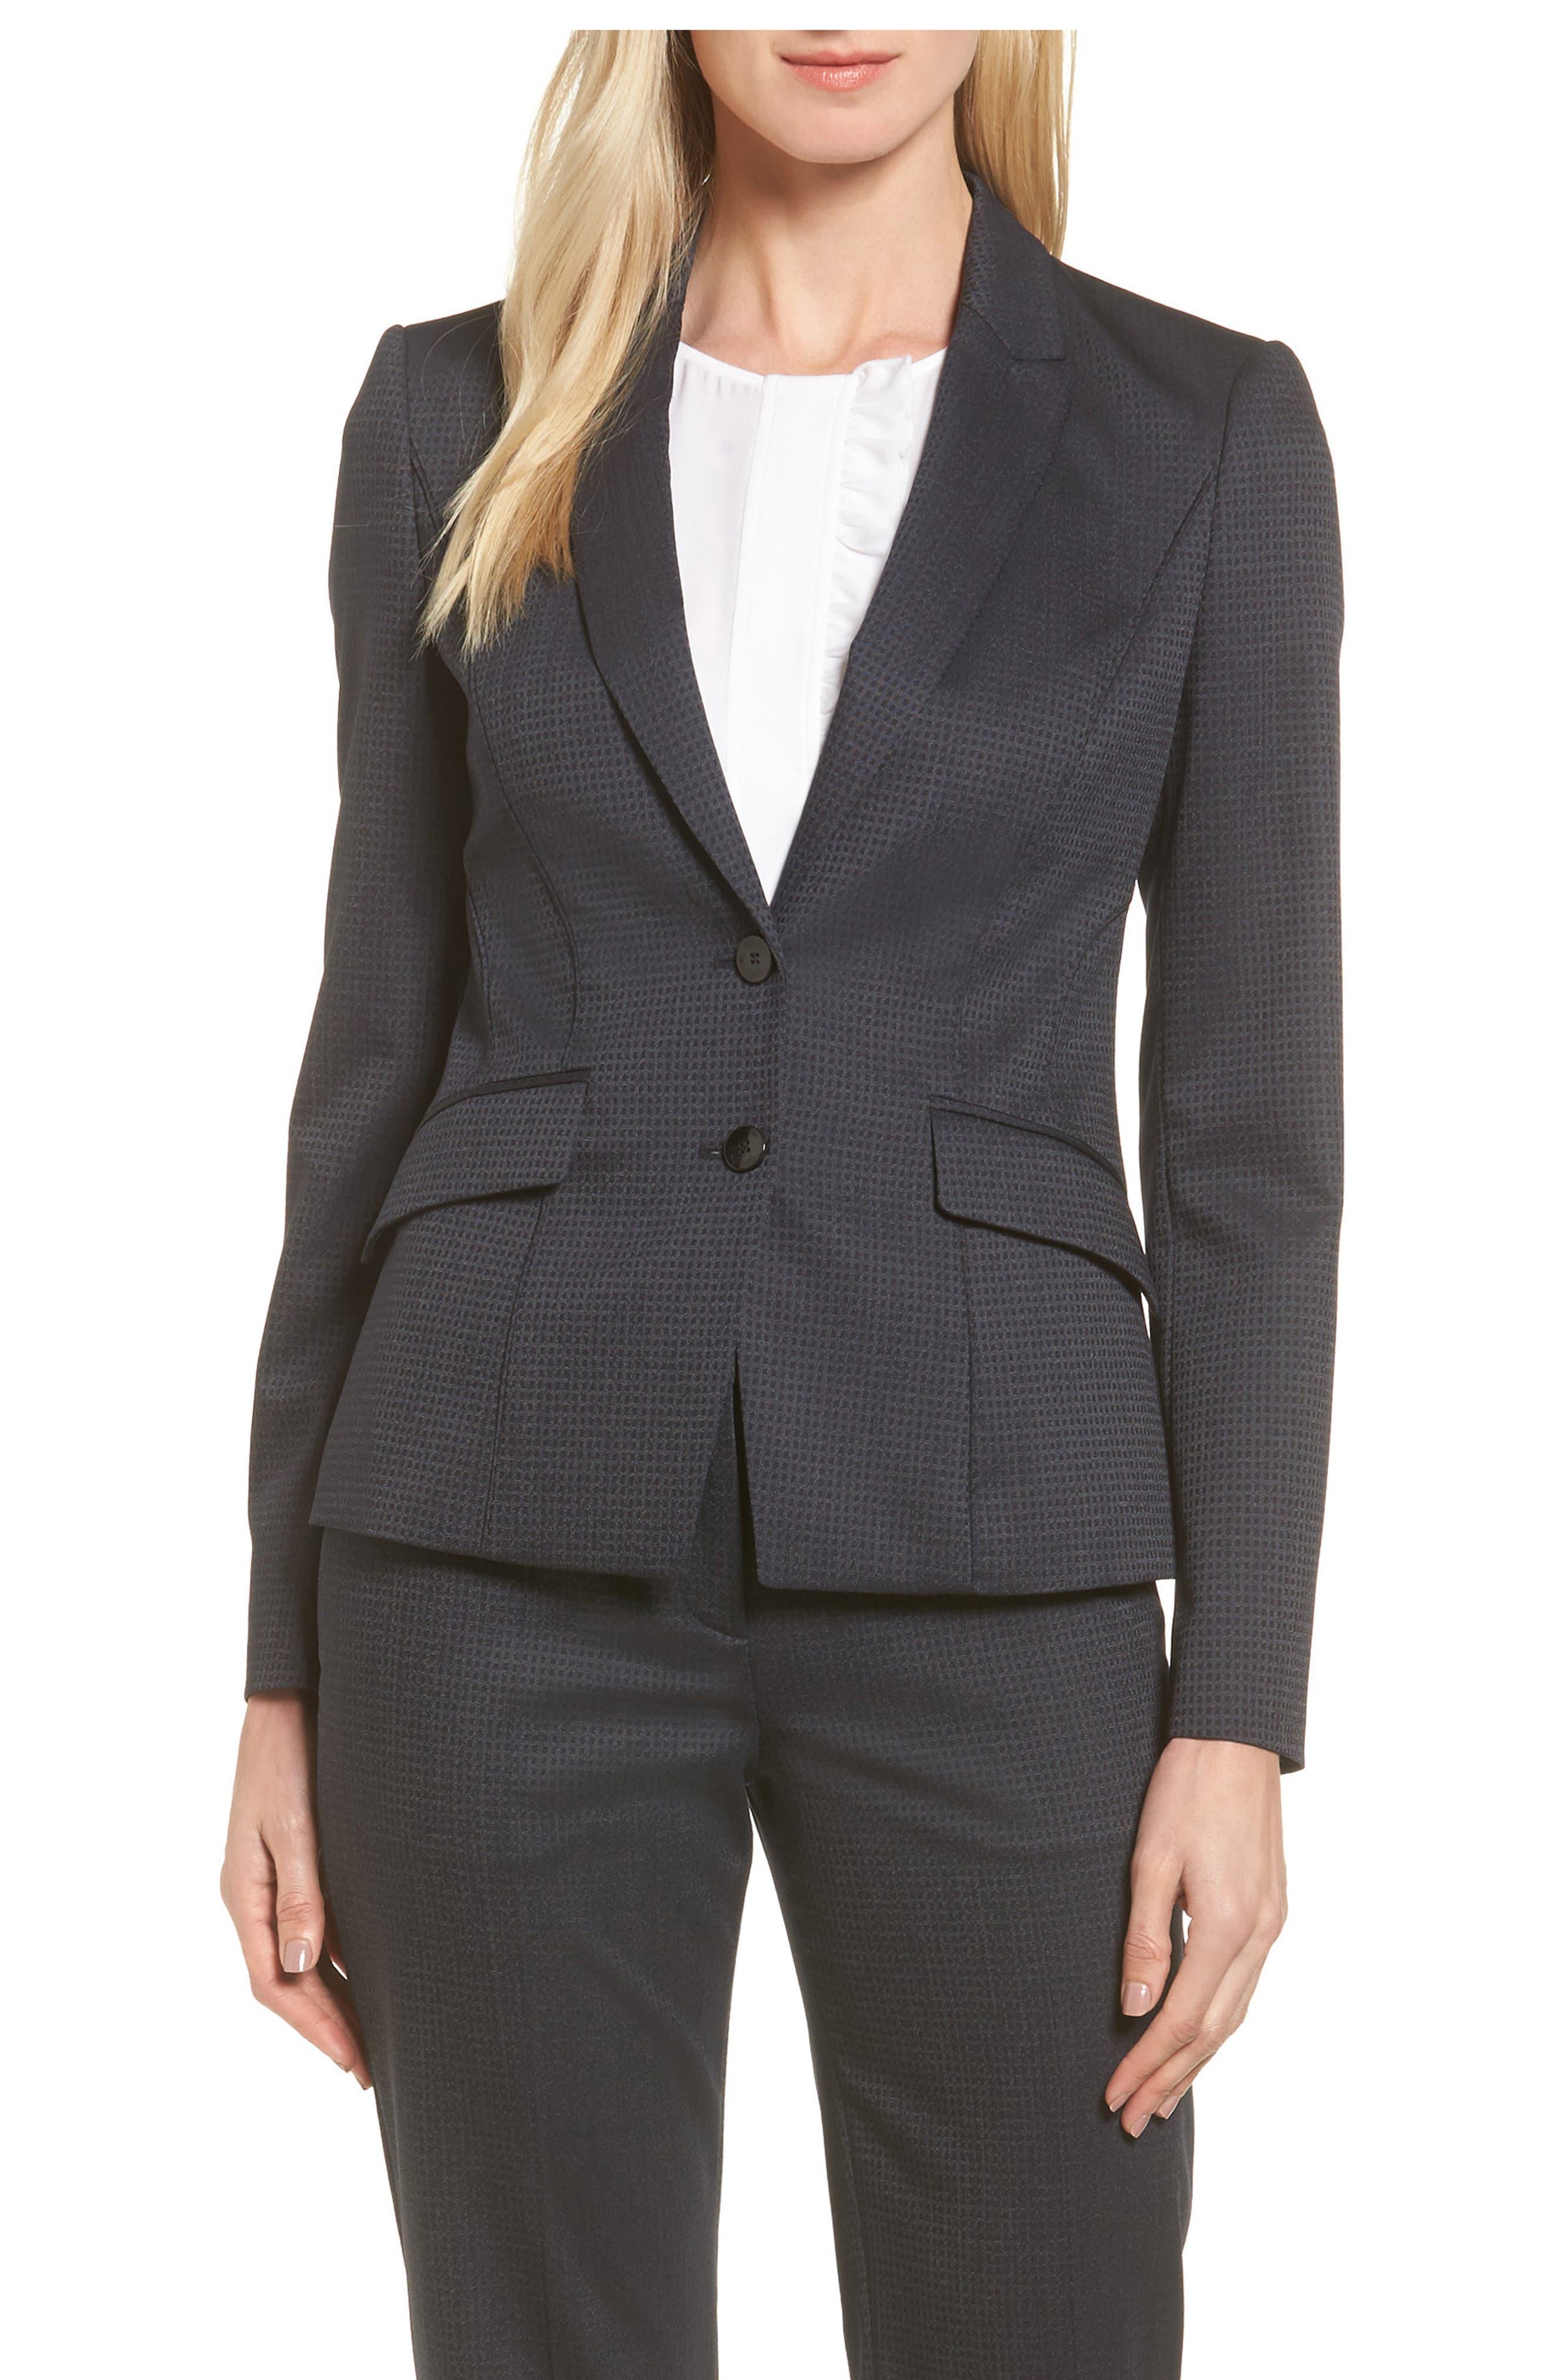 Jukani Check Wool Blend Suit Jacket,                             Main thumbnail 2, color,